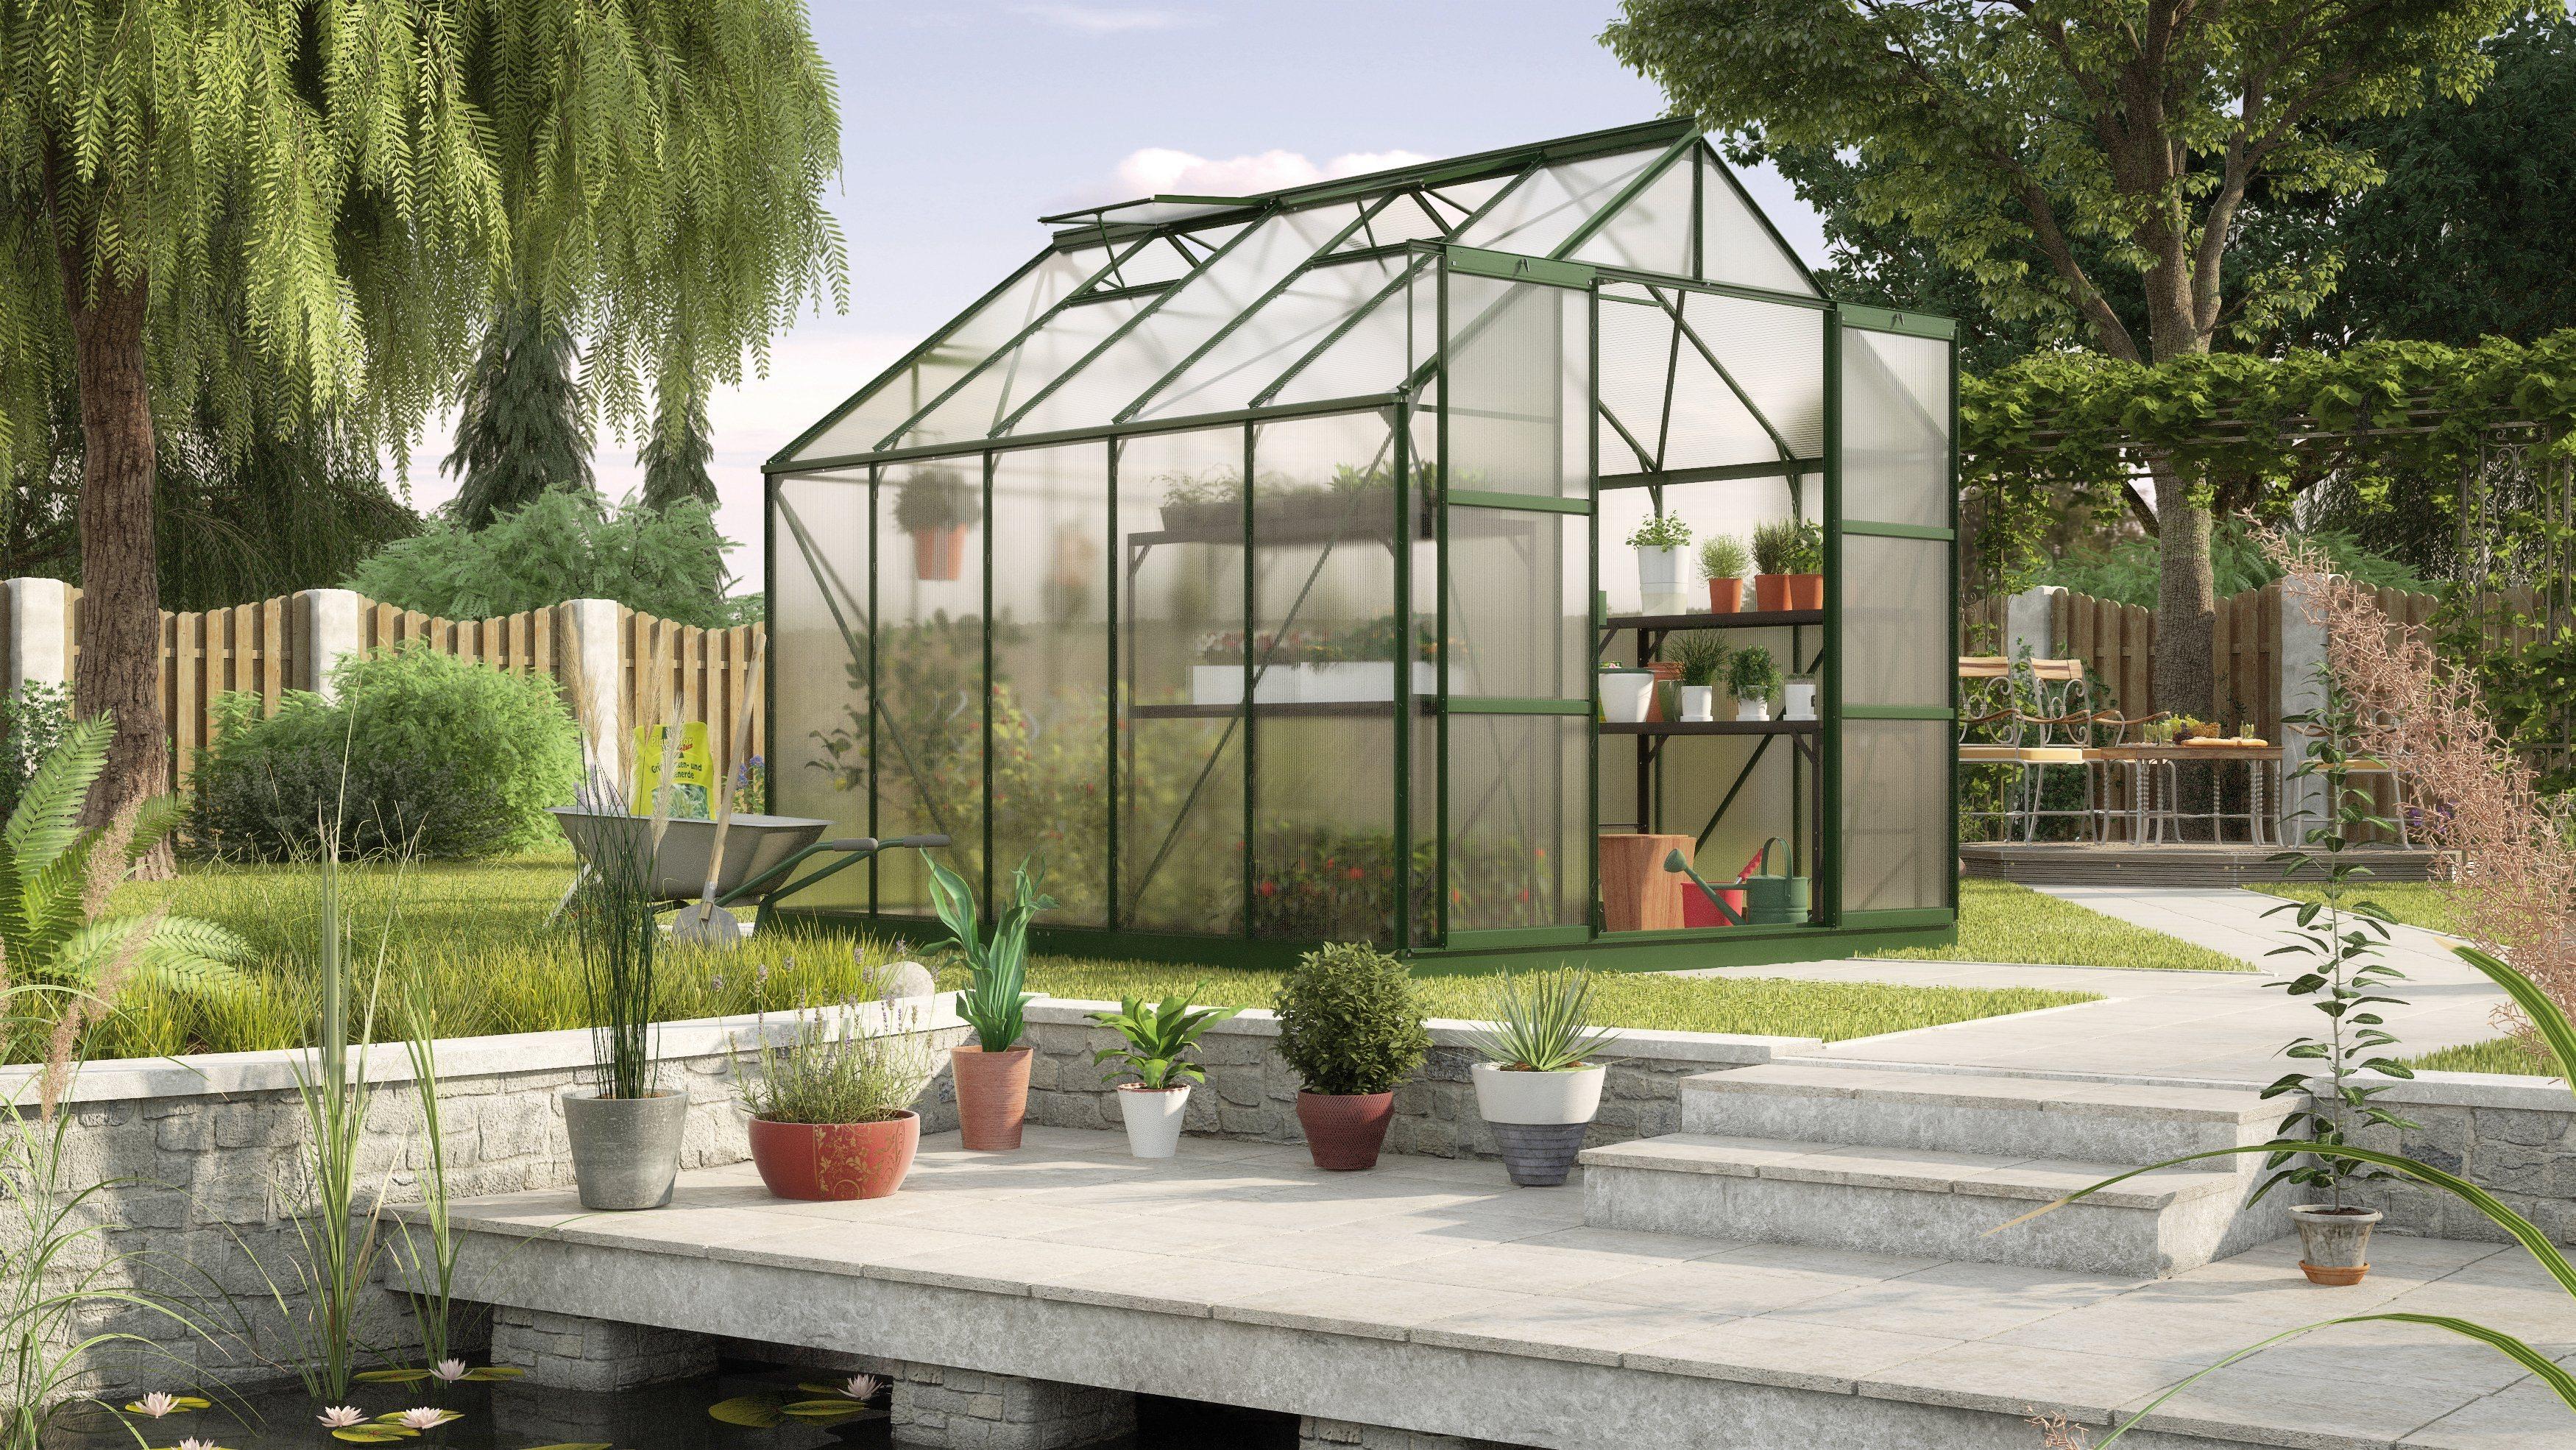 KONIFERA Gewächshaus »Titania 8300«, B/T/H: 254/317/246 cm, grün, 6 mm | Garten > Gewächshäuser | KONIFERA